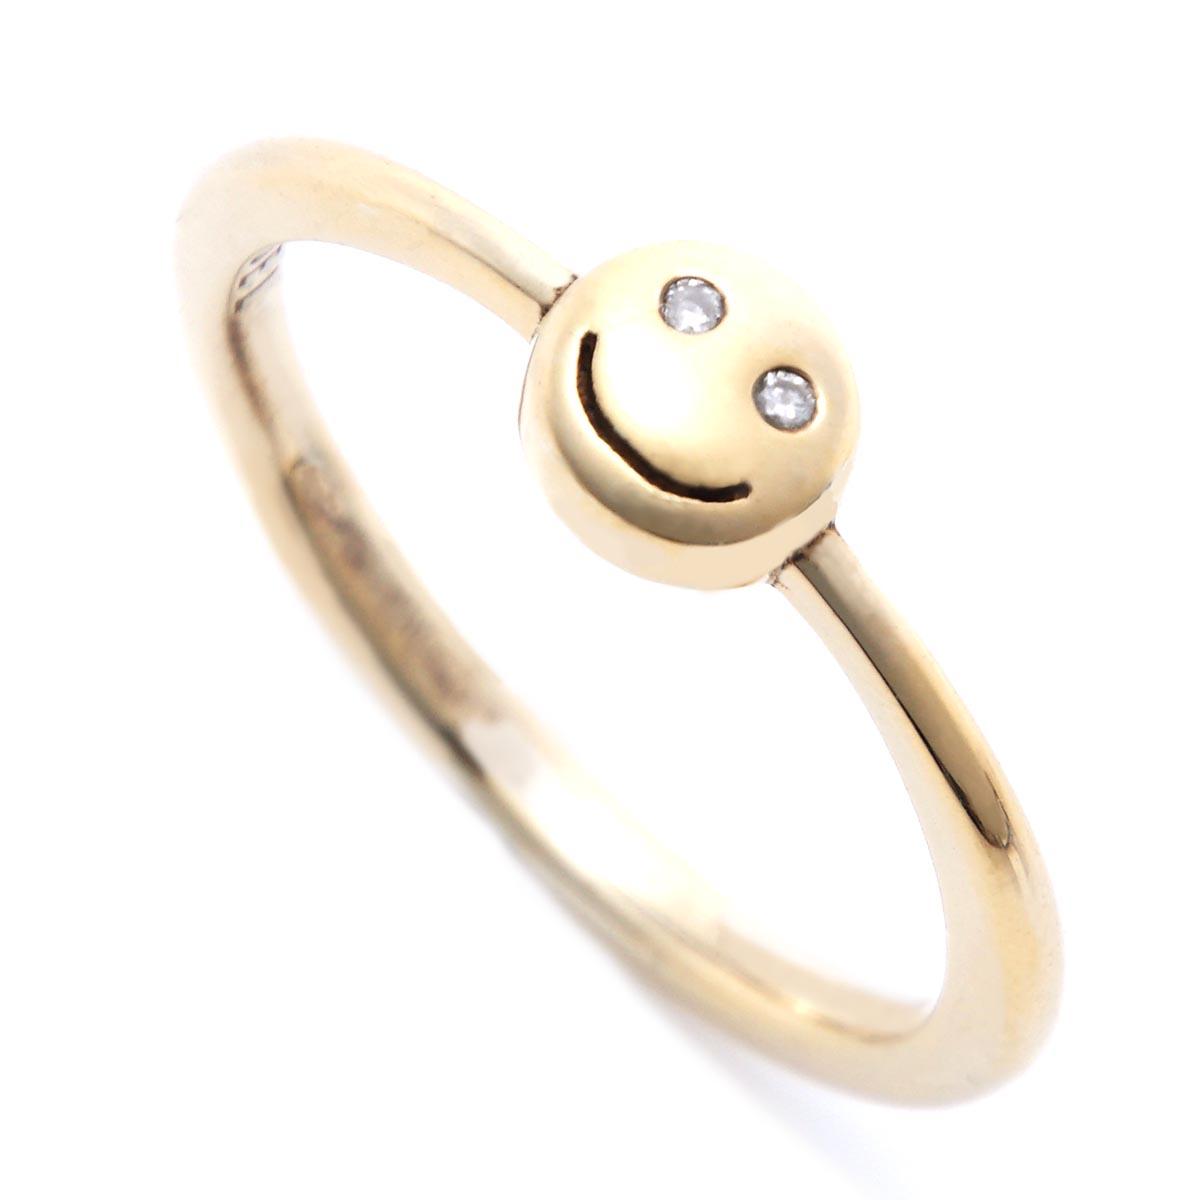 ガーデル GARDEL リング 指輪 ゴールド メンズ レディース gdr073 k18yg sm dm BAMBINA【あす楽対応_関東】【返品交換不可】【ラッピング無料】